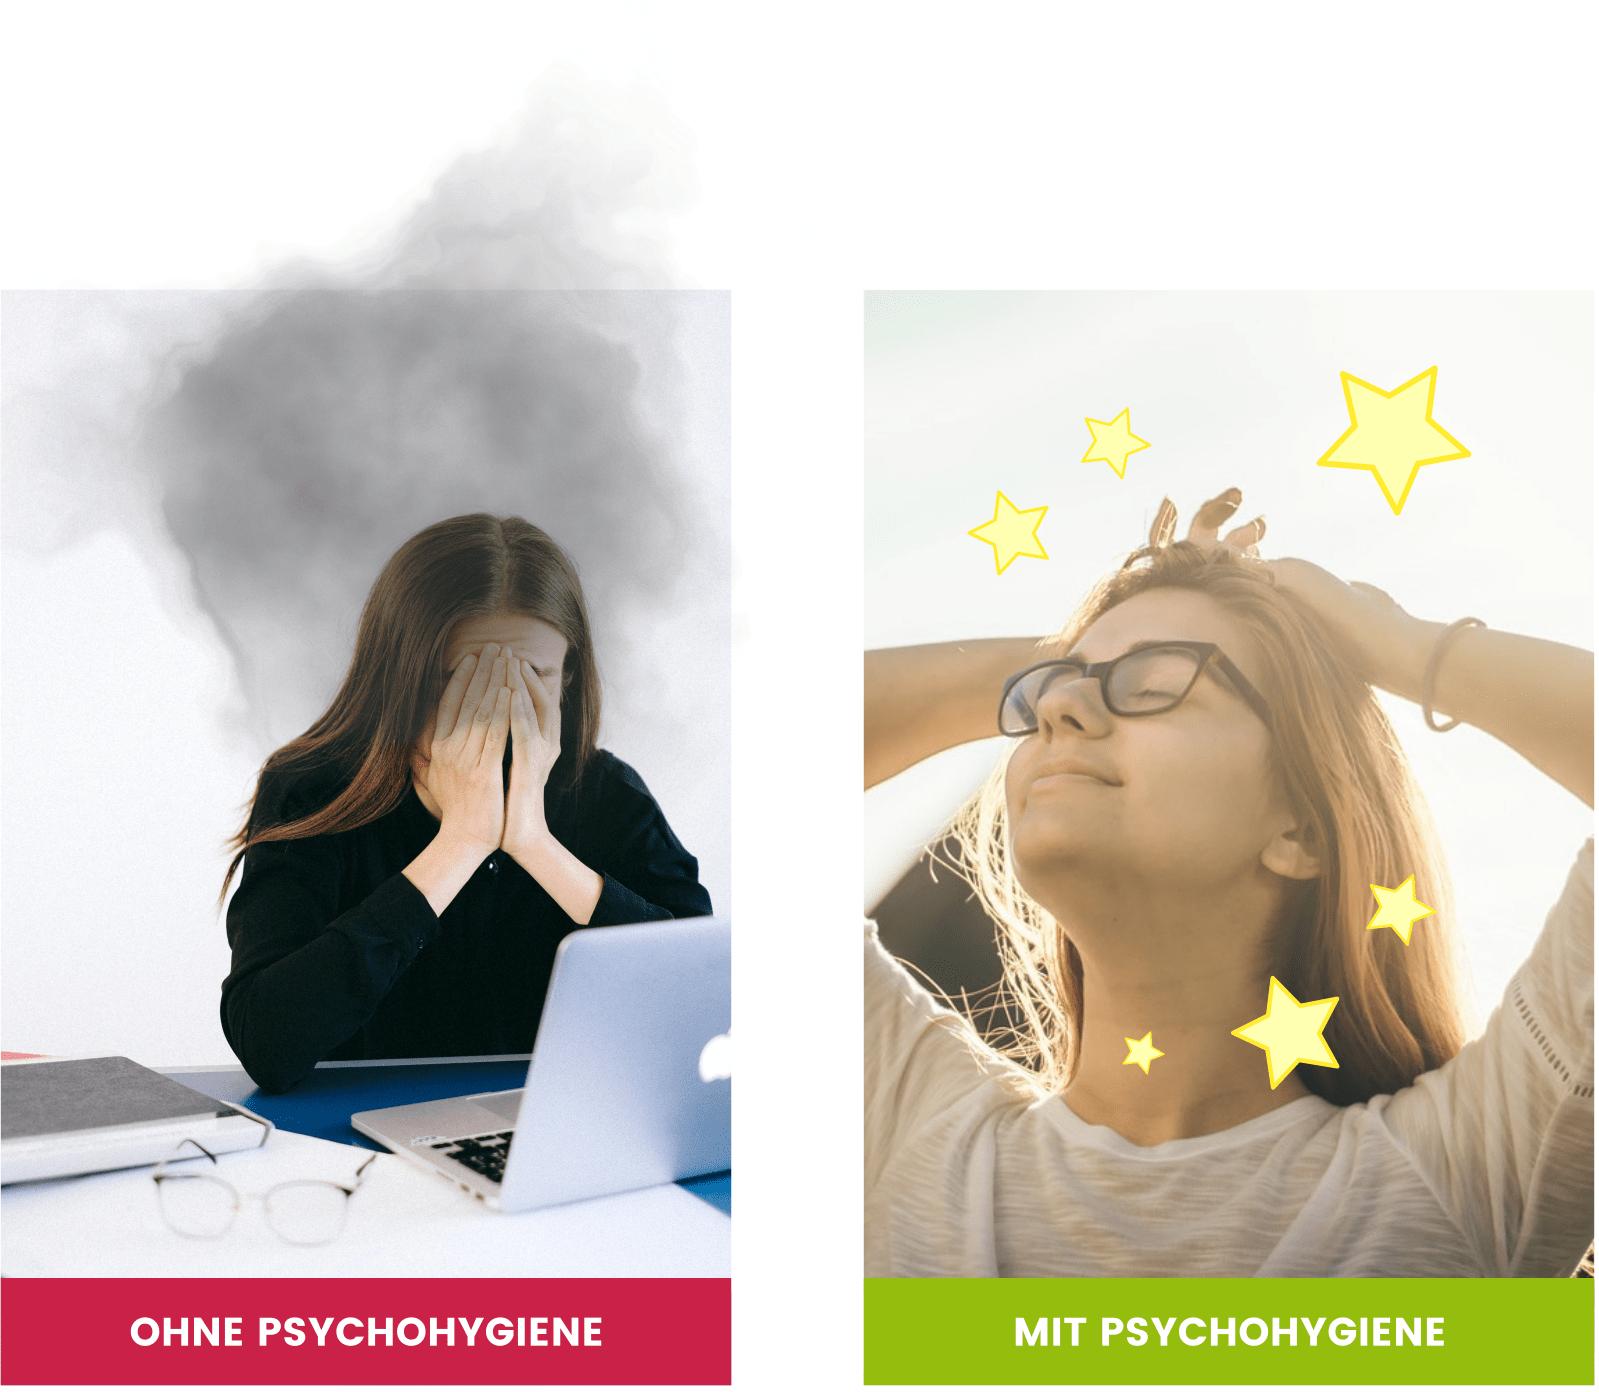 Was ist Psychohygiene? - 8 Übungen für mentale Gesundheit